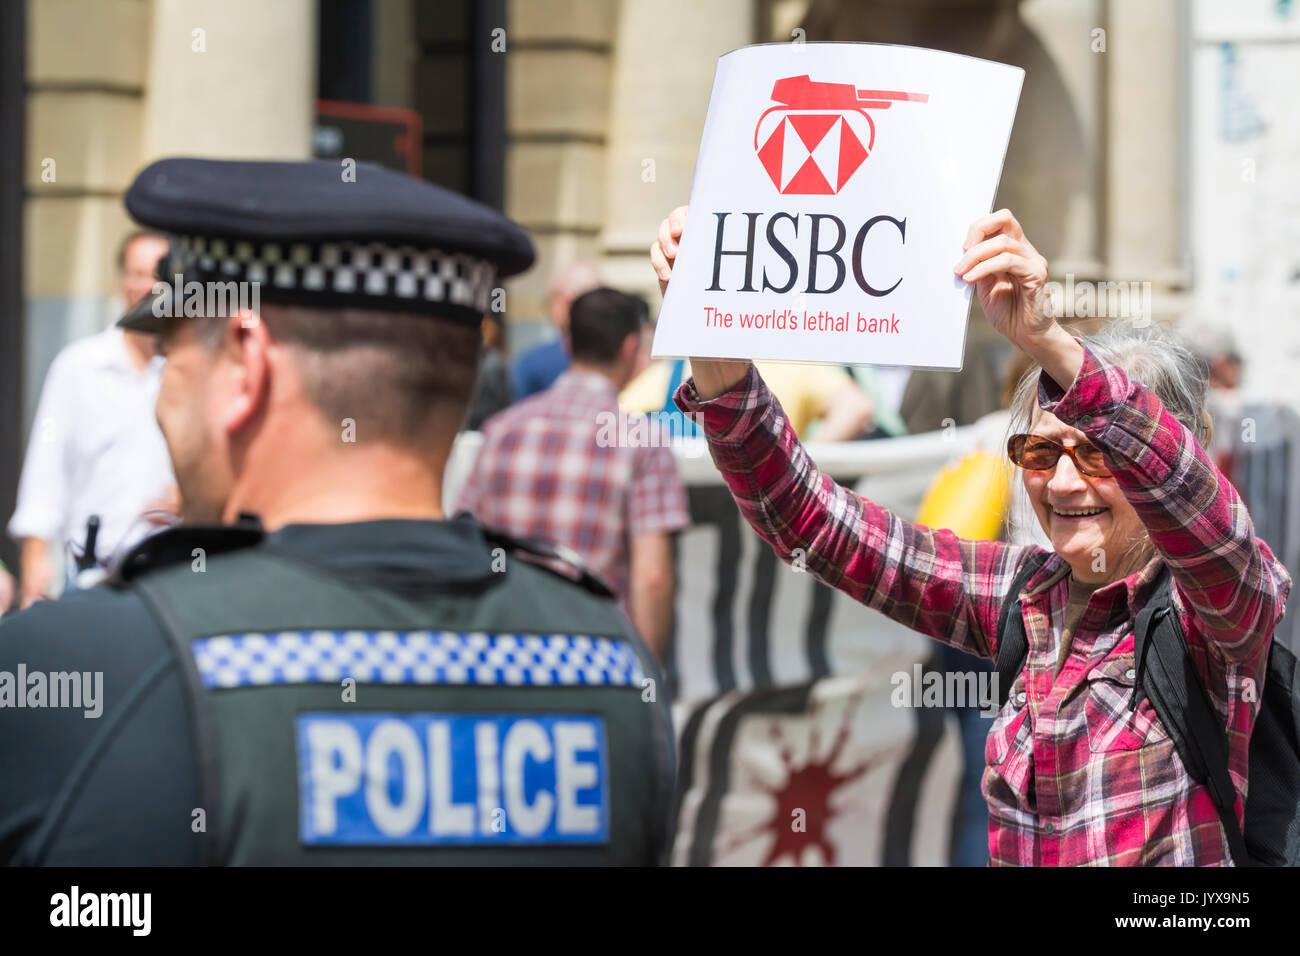 La tenue d'une manifestation protestataire inscription disant 'Stop' à l'extérieur de l'Israël d'armement la banque HSBC à Brighton, East Sussex, Angleterre, Royaume-Uni. Photo Stock